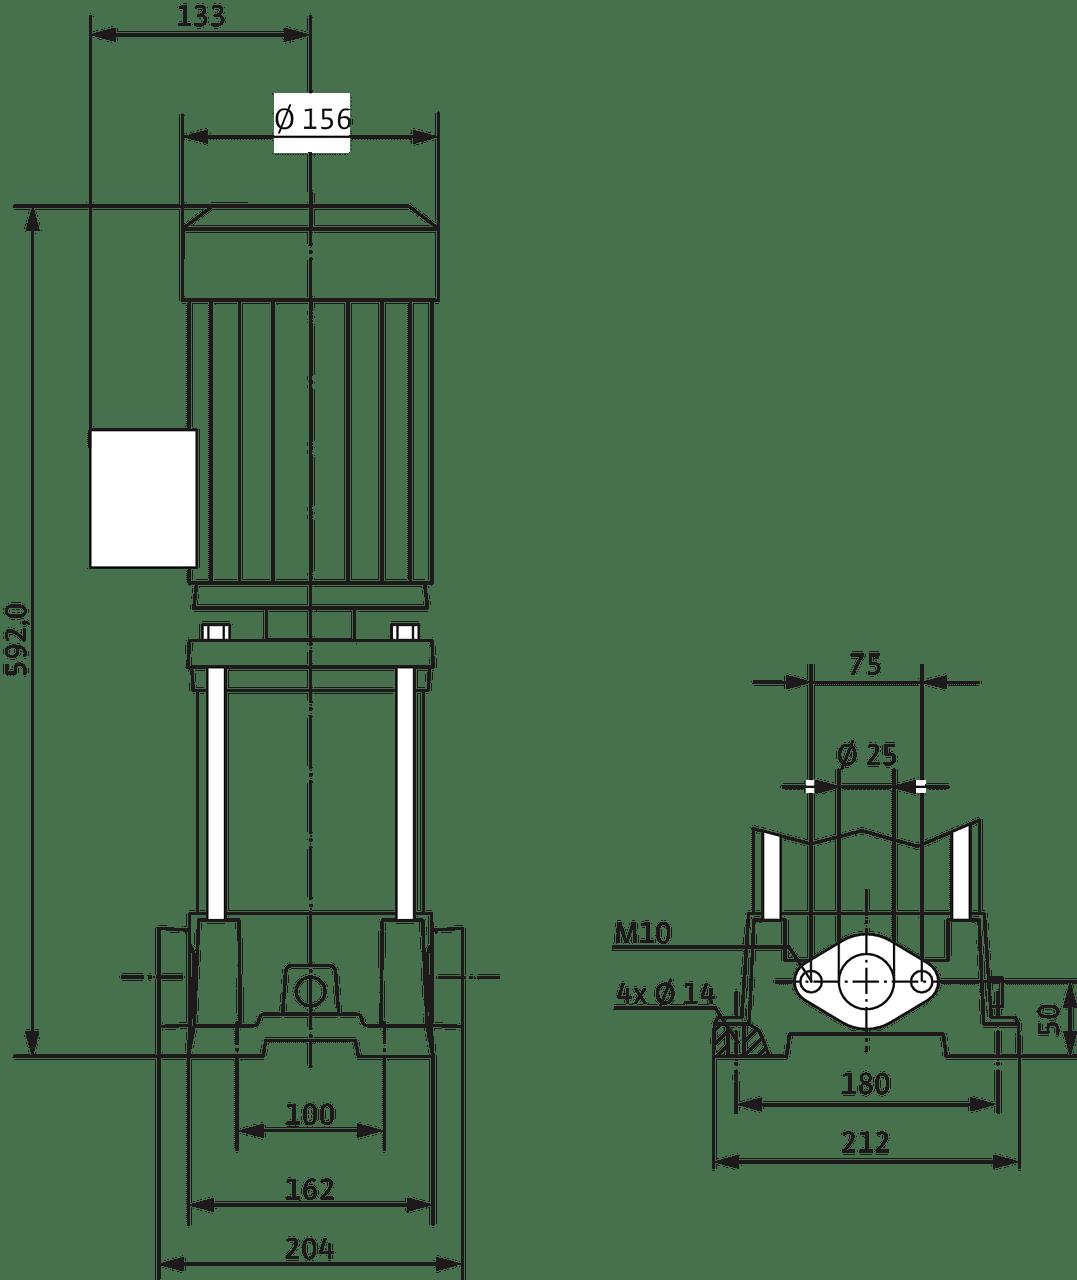 Multivert Mvil 310 1 230 V